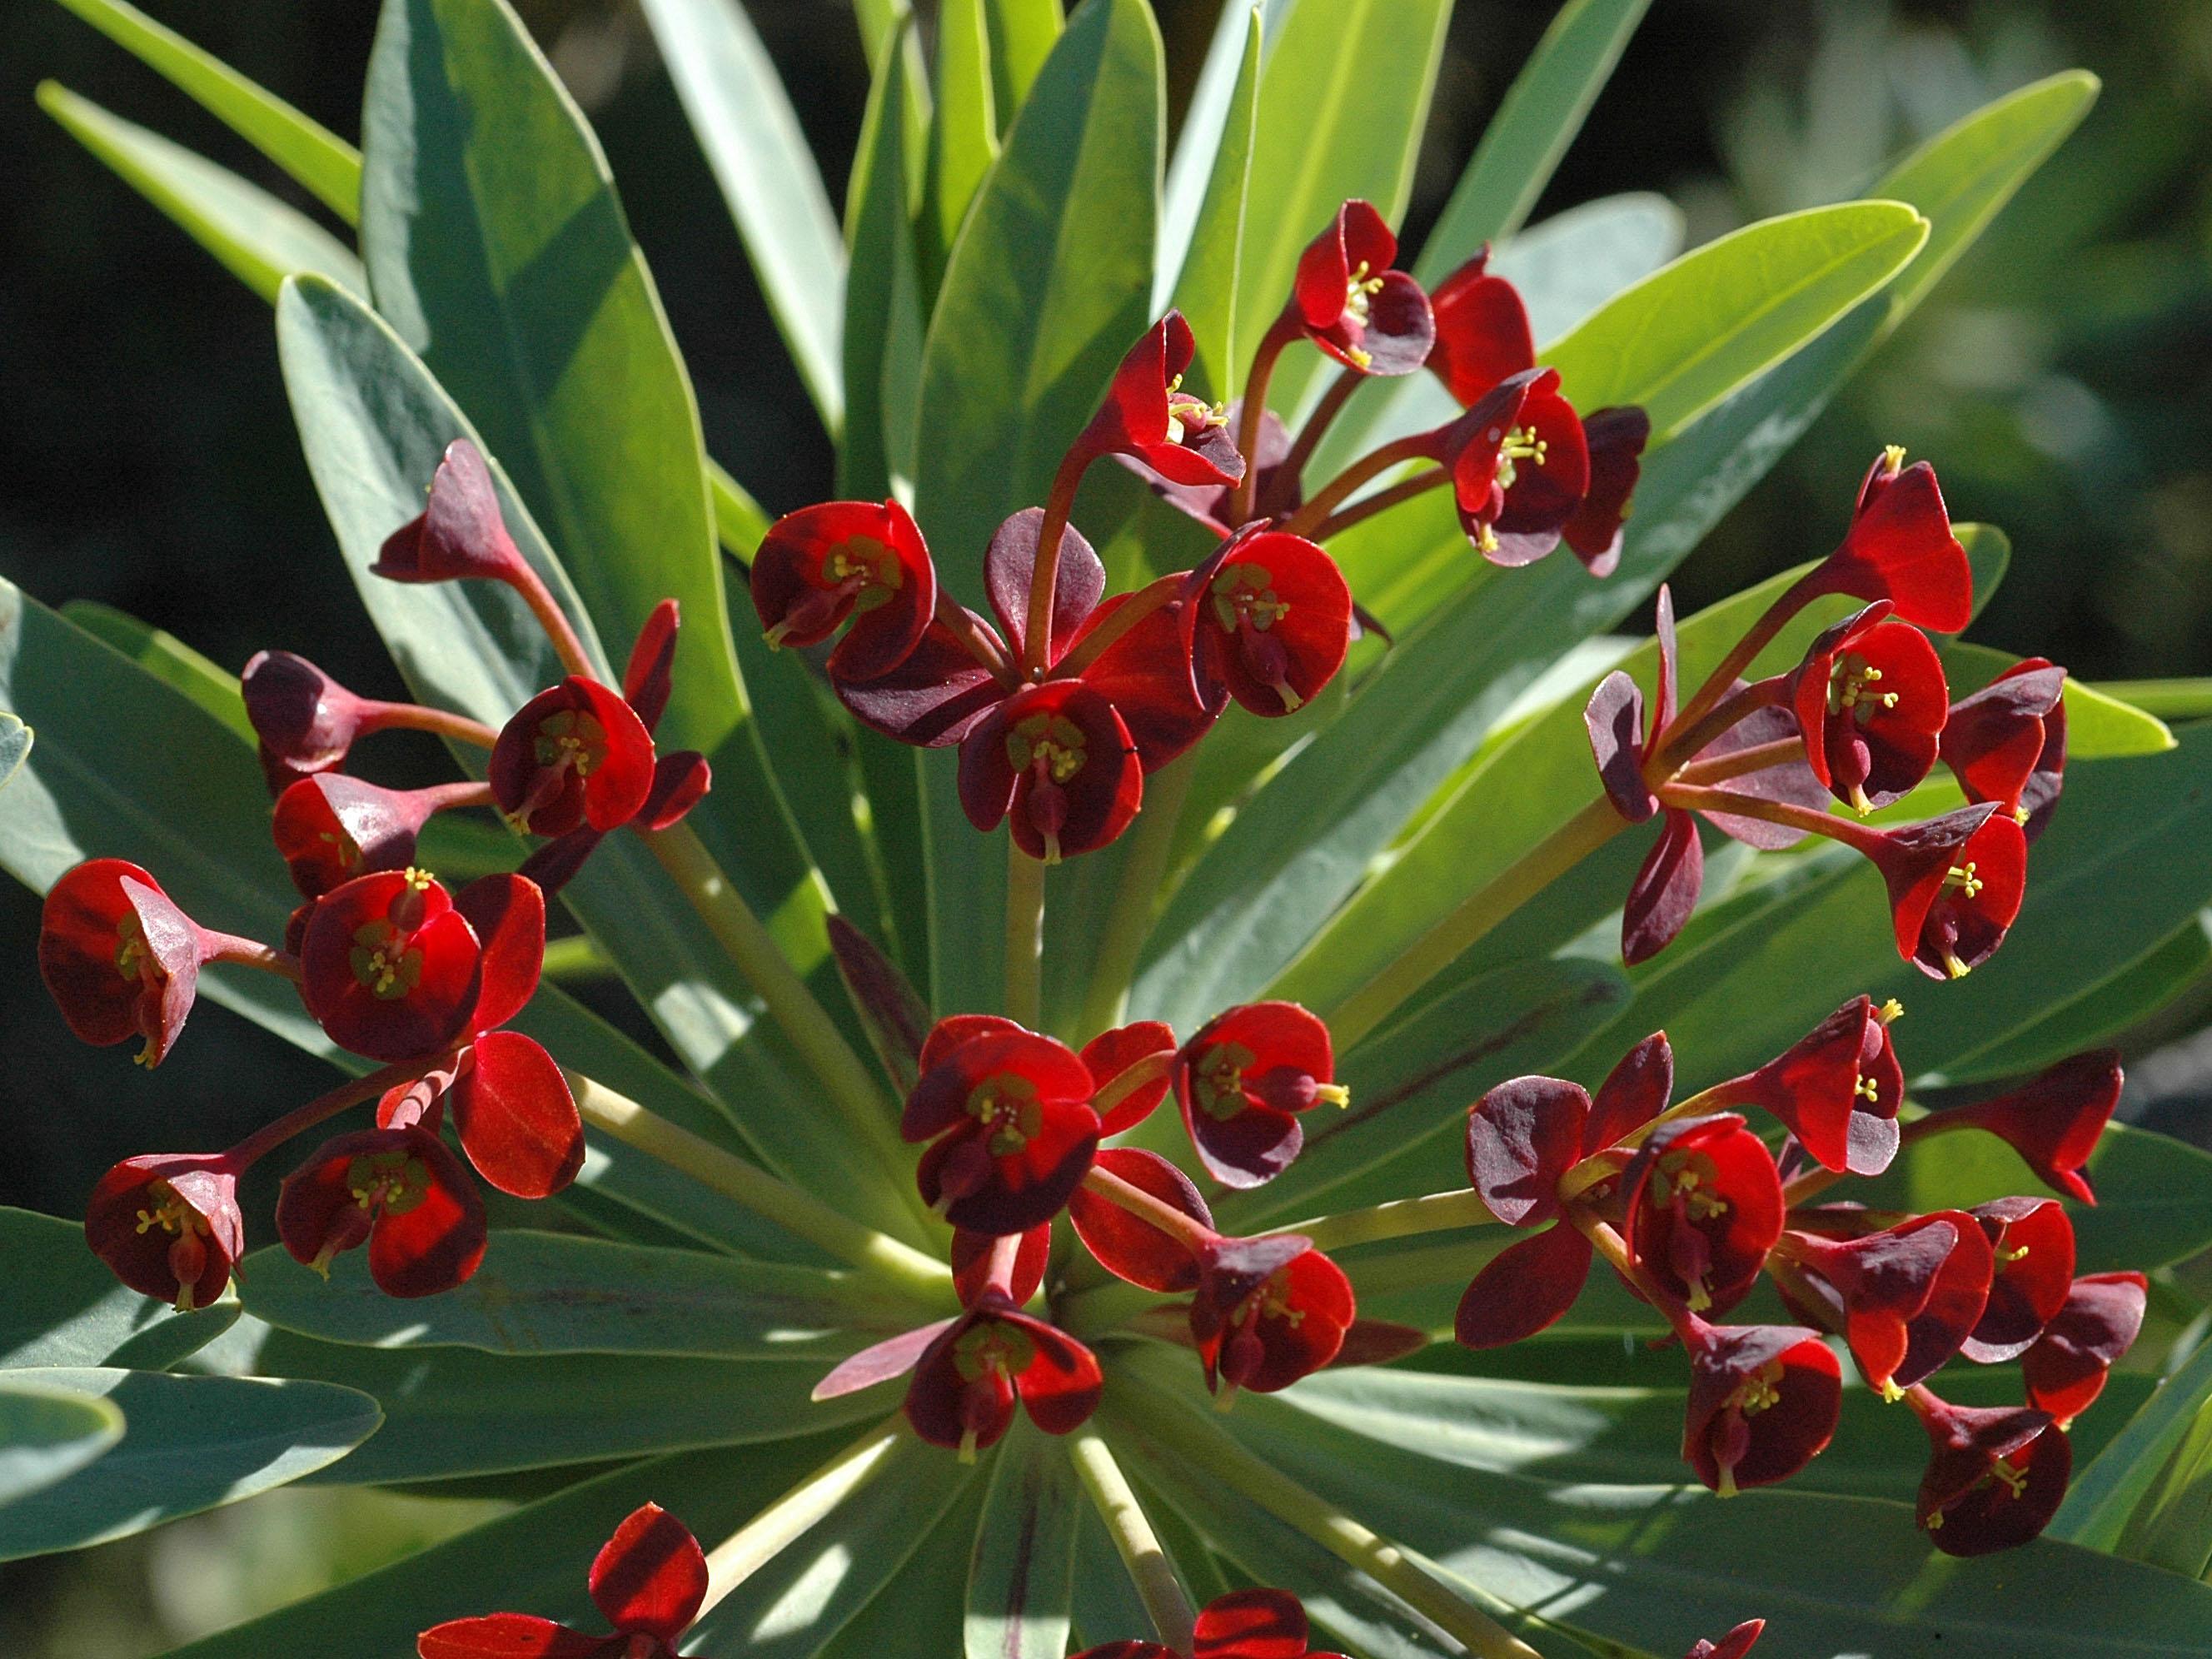 Euphorbia atropurpurea